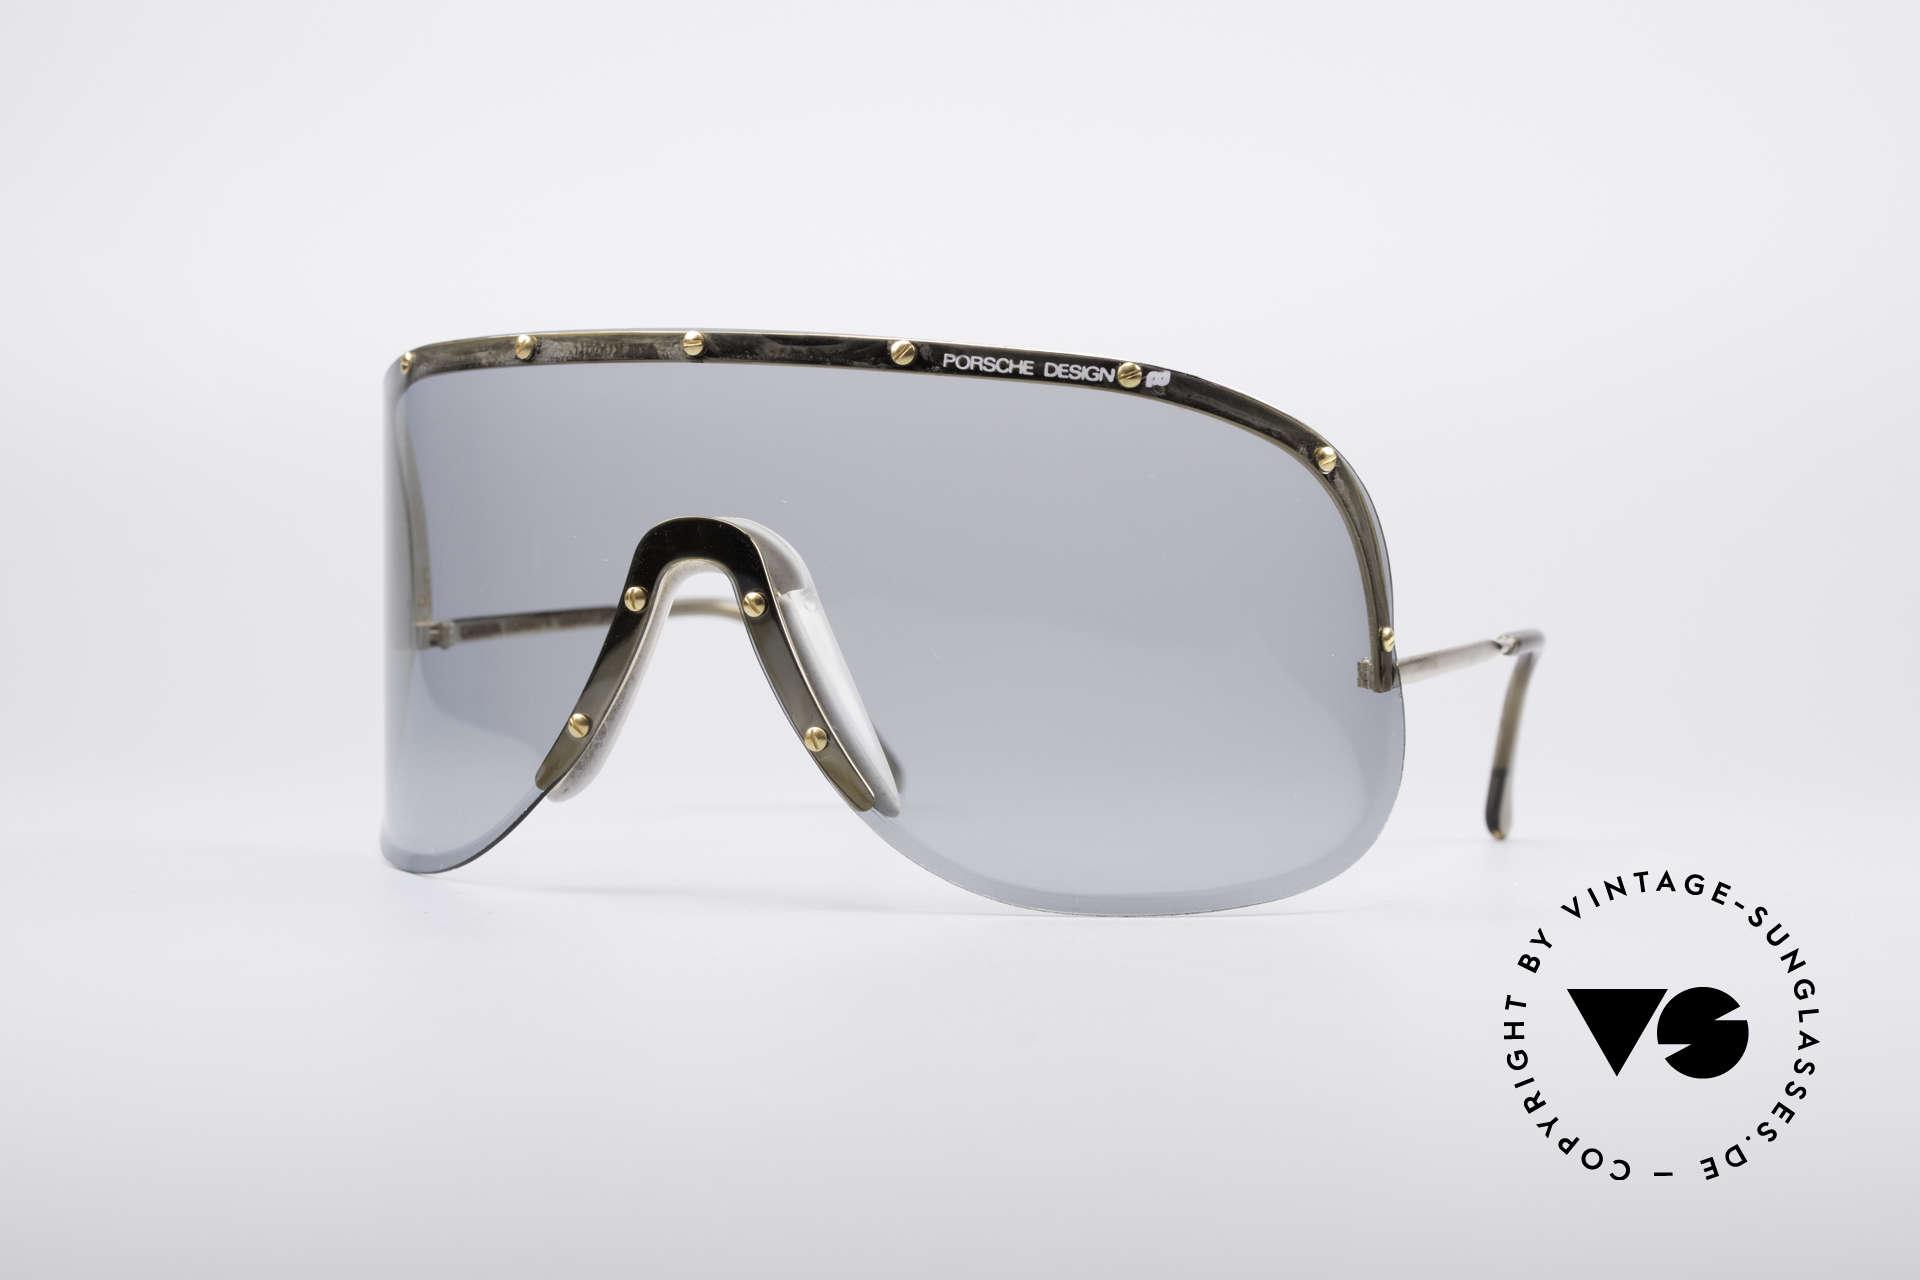 Porsche 5620 Yoko Ono Sonnenbrille Gold, vintage Porsche Carrera Designersonnenbrille der 1980er, Passend für Herren und Damen